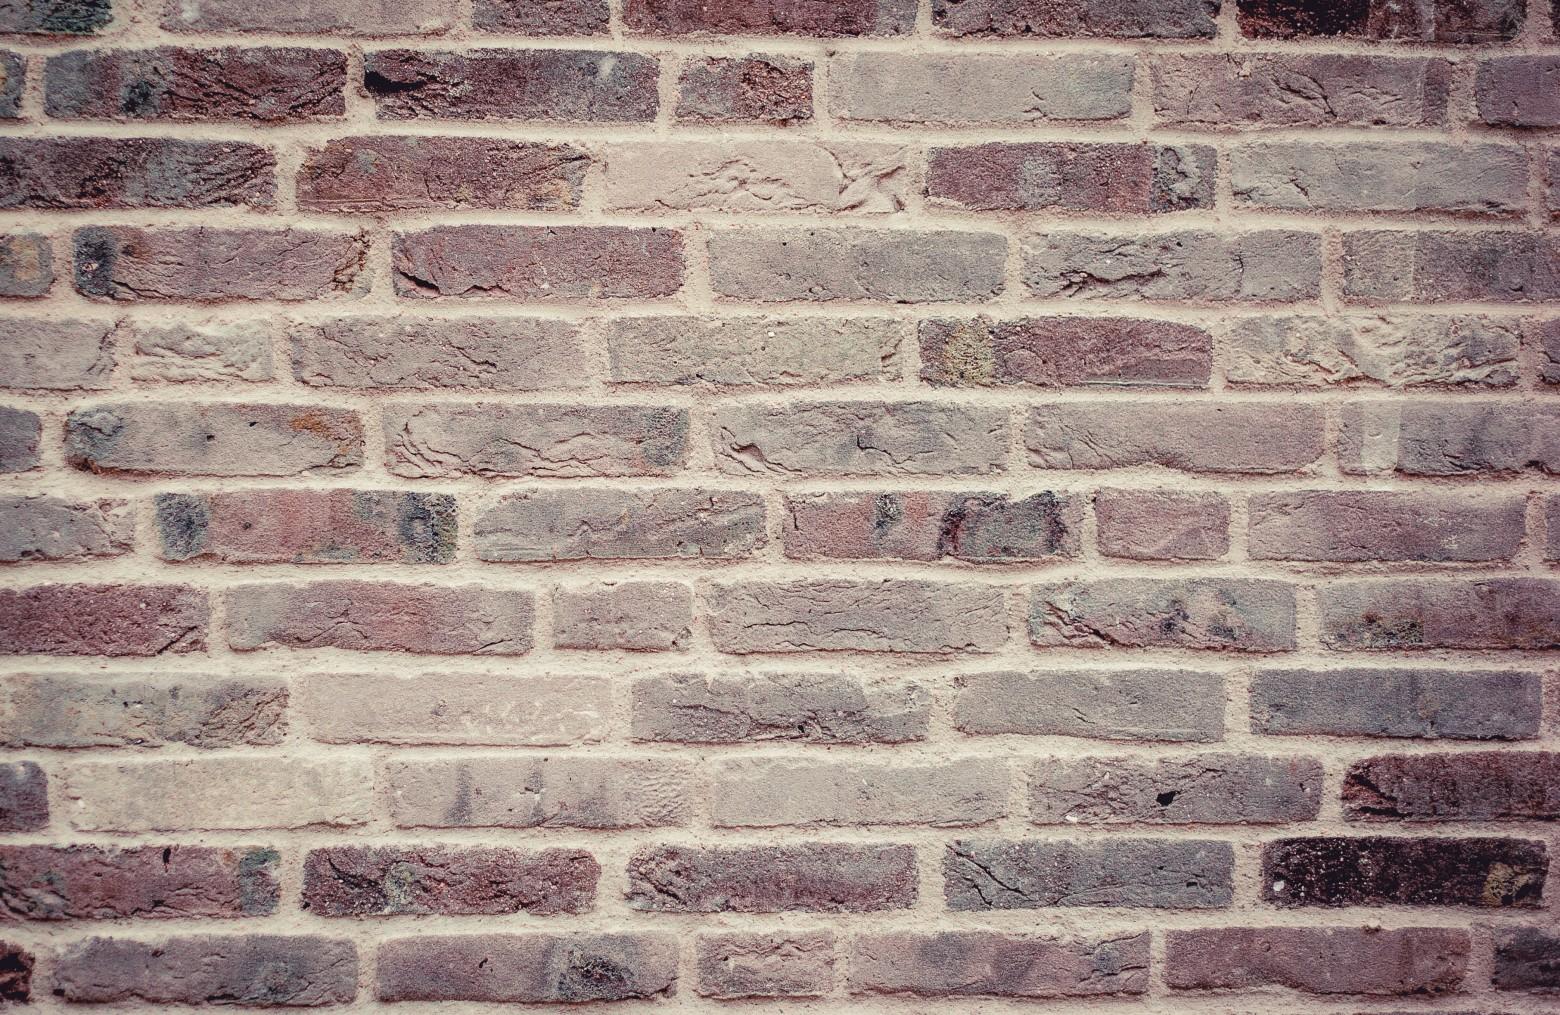 mur texture mati re brique pierre images gratuites et. Black Bedroom Furniture Sets. Home Design Ideas